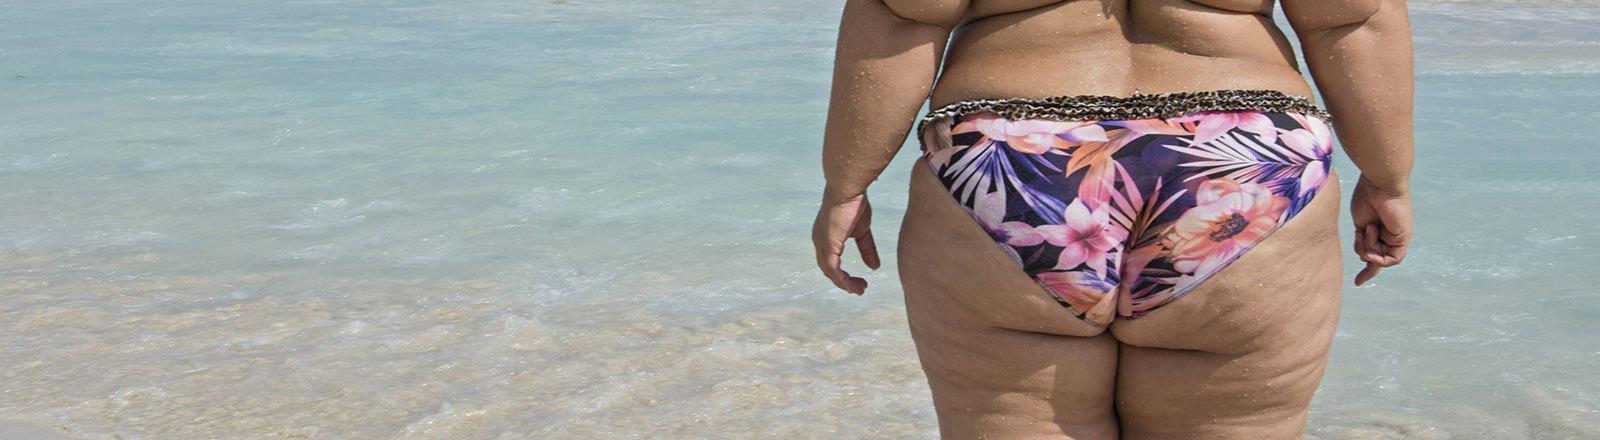 Eine sehr dicke Frau im Bikini